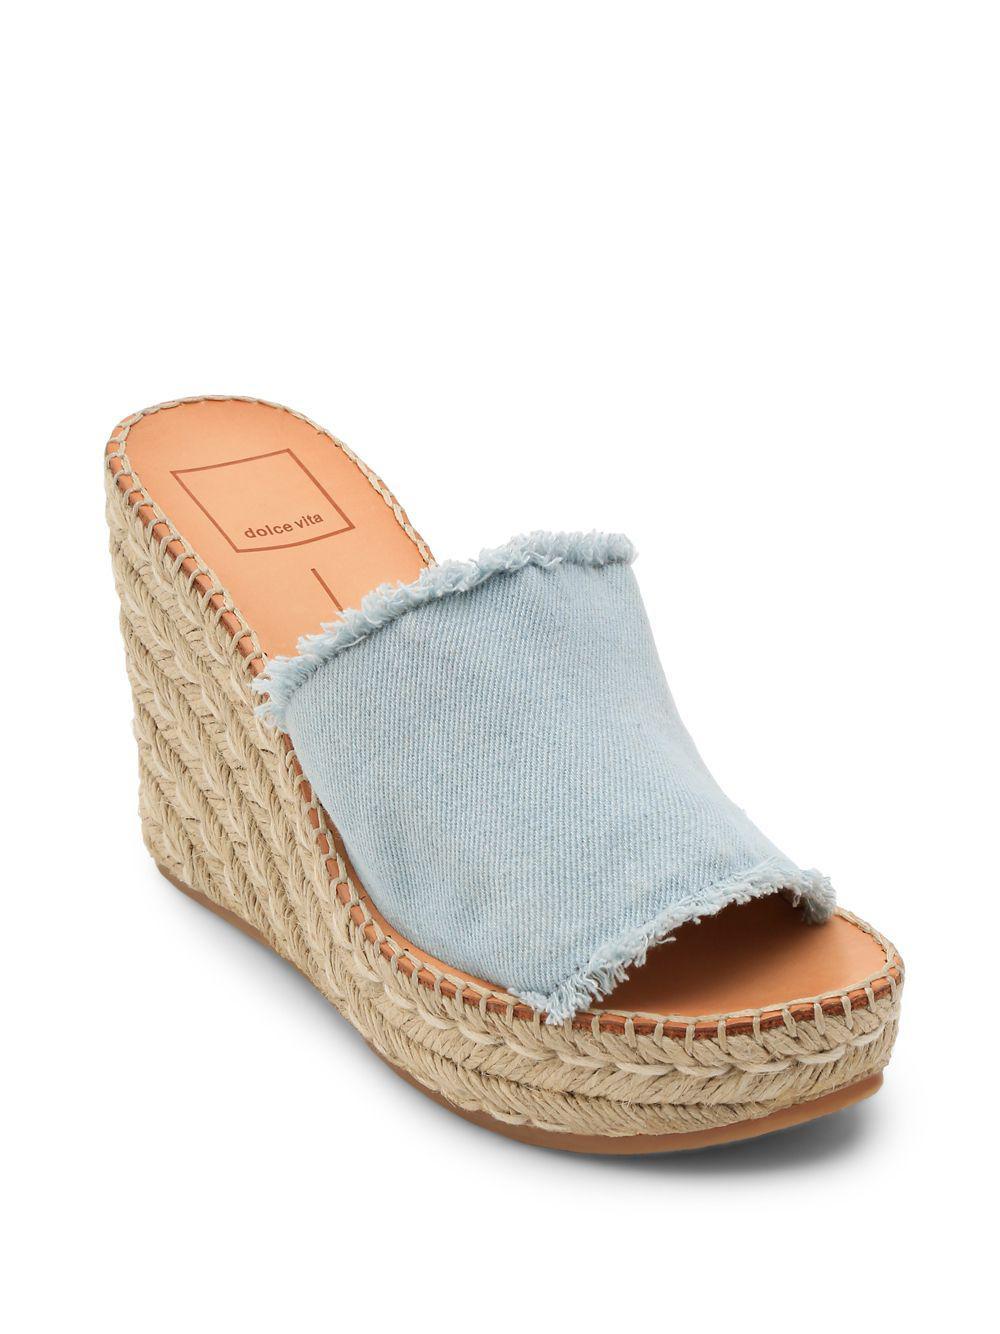 d2b79fb0437 Dolce Vita - Blue Pim Denim Wedge Sandals - Lyst. View fullscreen